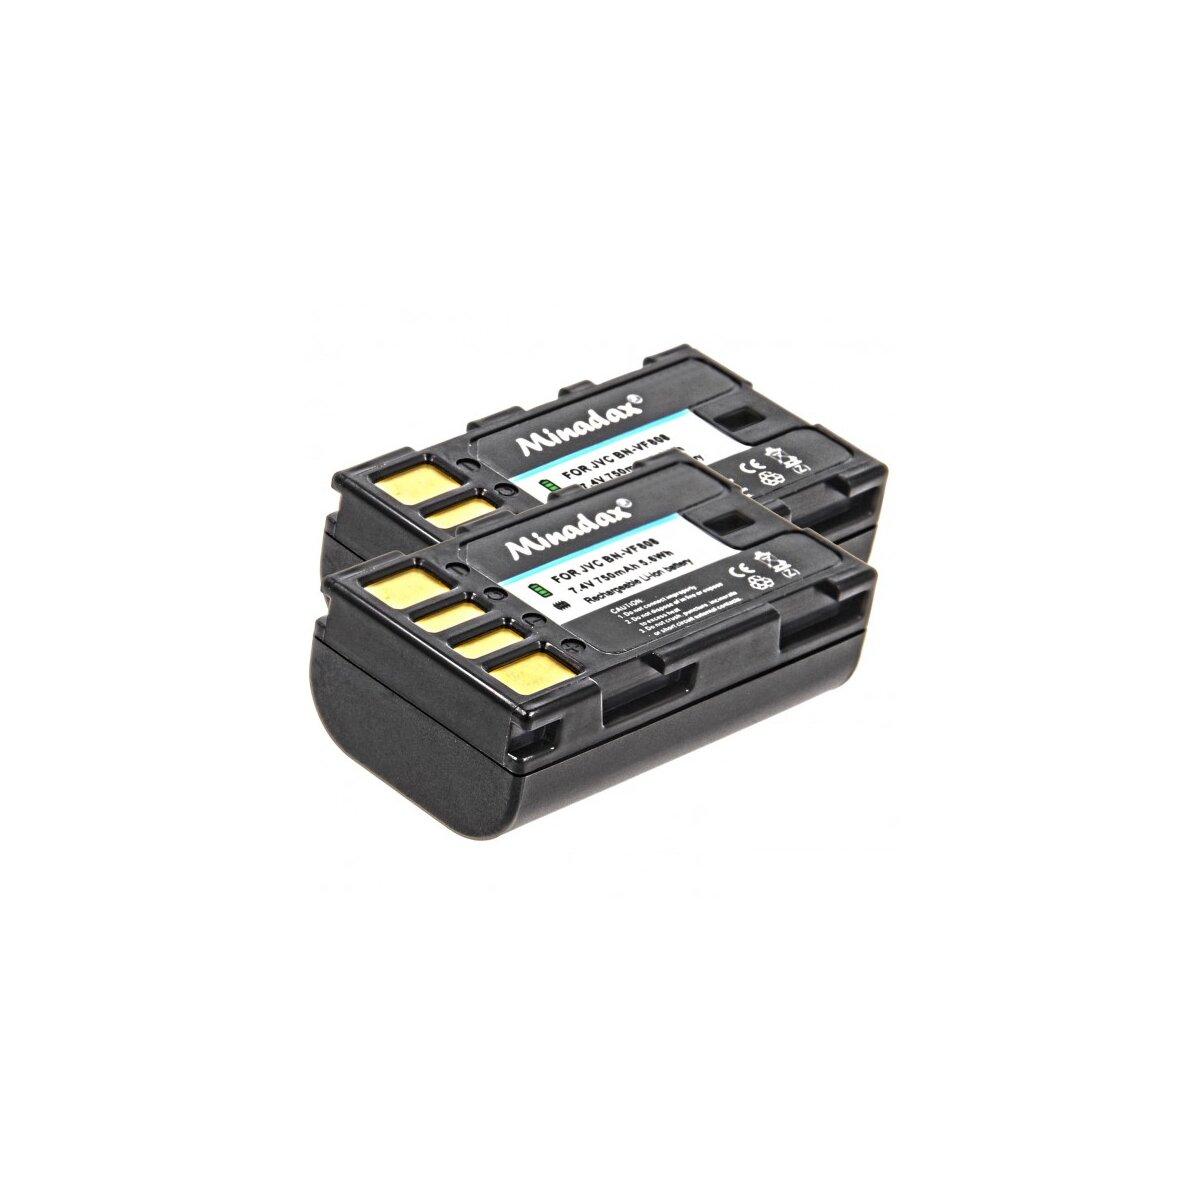 2x Minadax® Qualitaetsakku mit echten 750 mAh fuer JVC GR D720 720EX D725 D740 D740EX D745 D750 D760 D770 D770EX, wie BN-VF808 - Intelligentes Akkusystem mit Chip